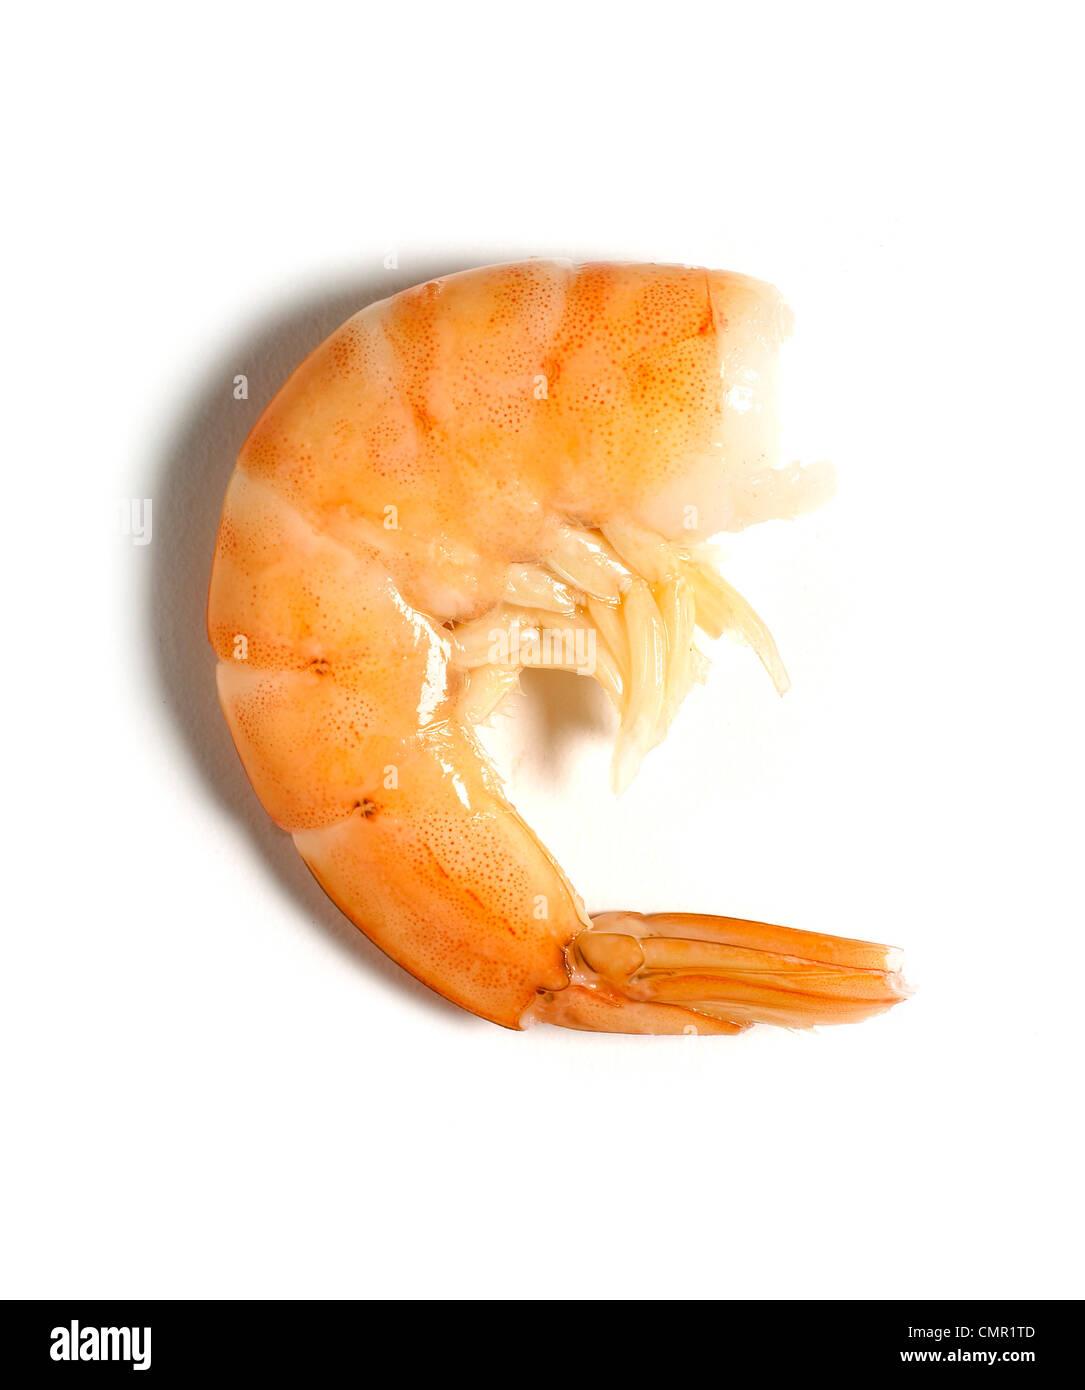 Une crevette crevette sans tête Photo Stock